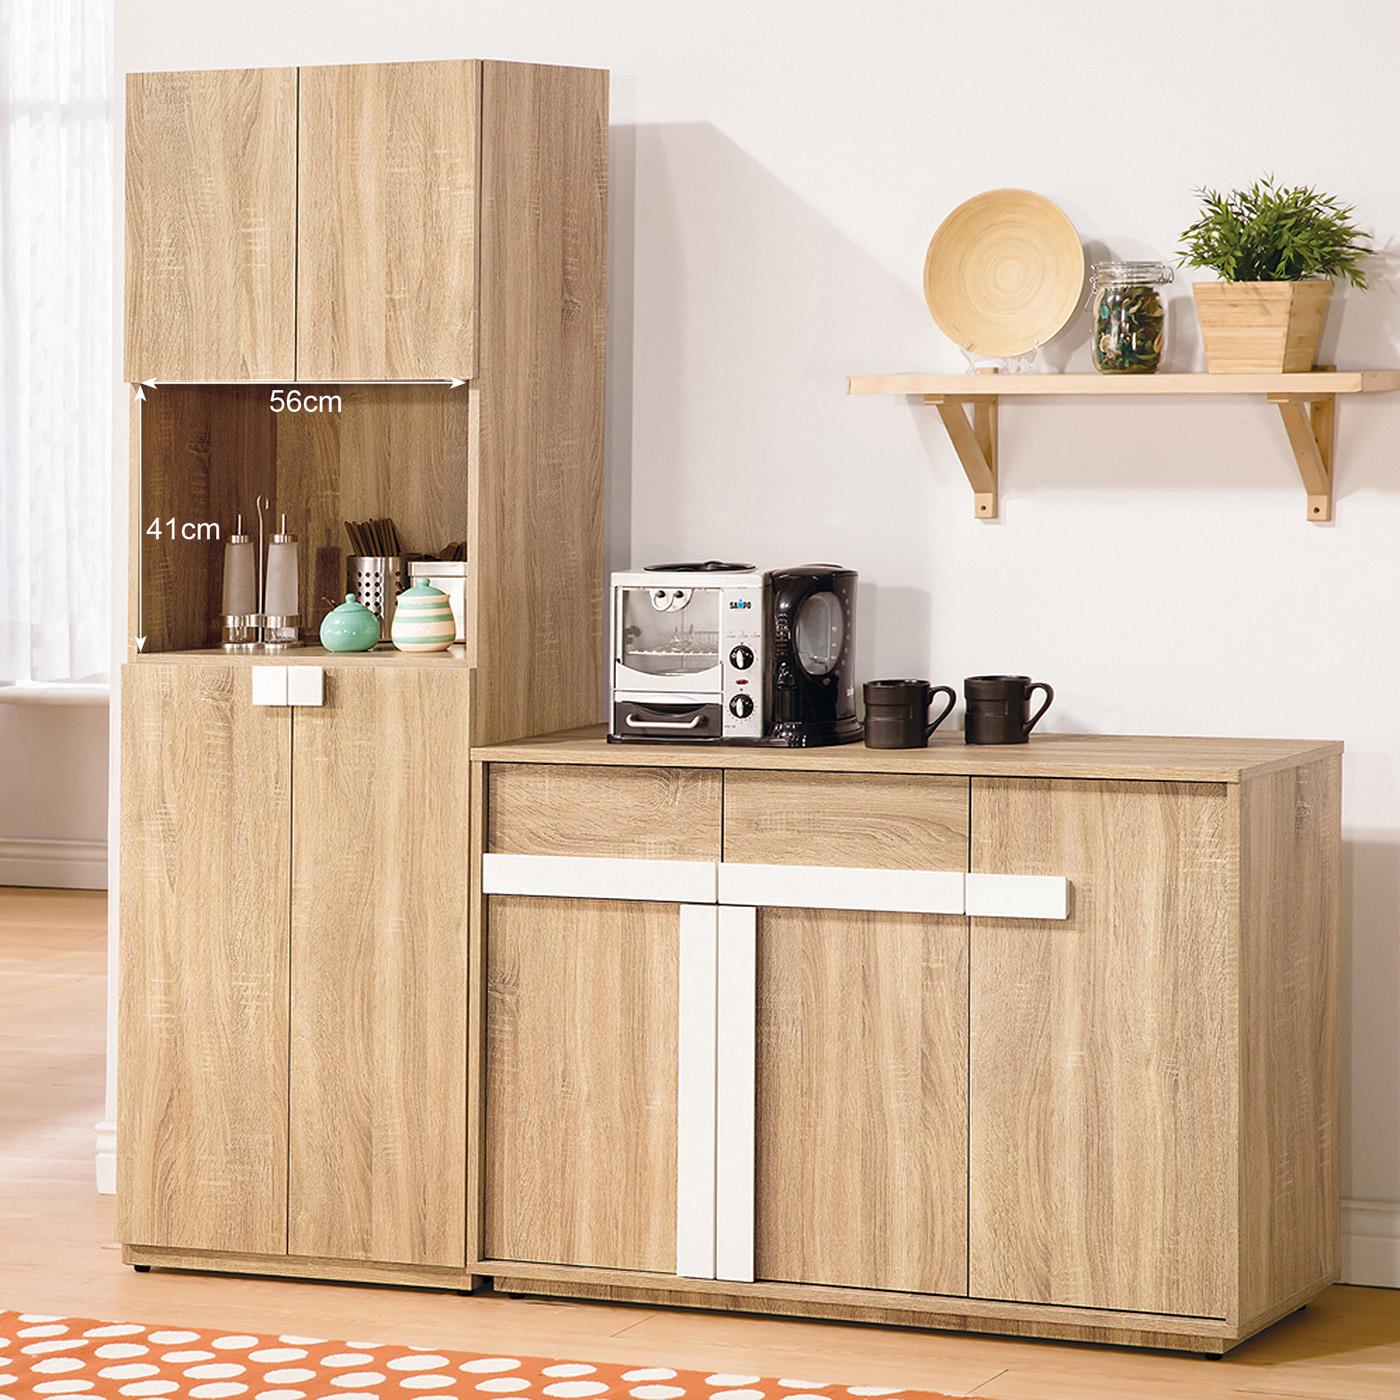 【森可家居】多莉絲6尺餐櫃 (全組) 6ZX905-2 收納廚房櫃 碗盤碟櫃 淺木紋質感 日系無印 北歐風